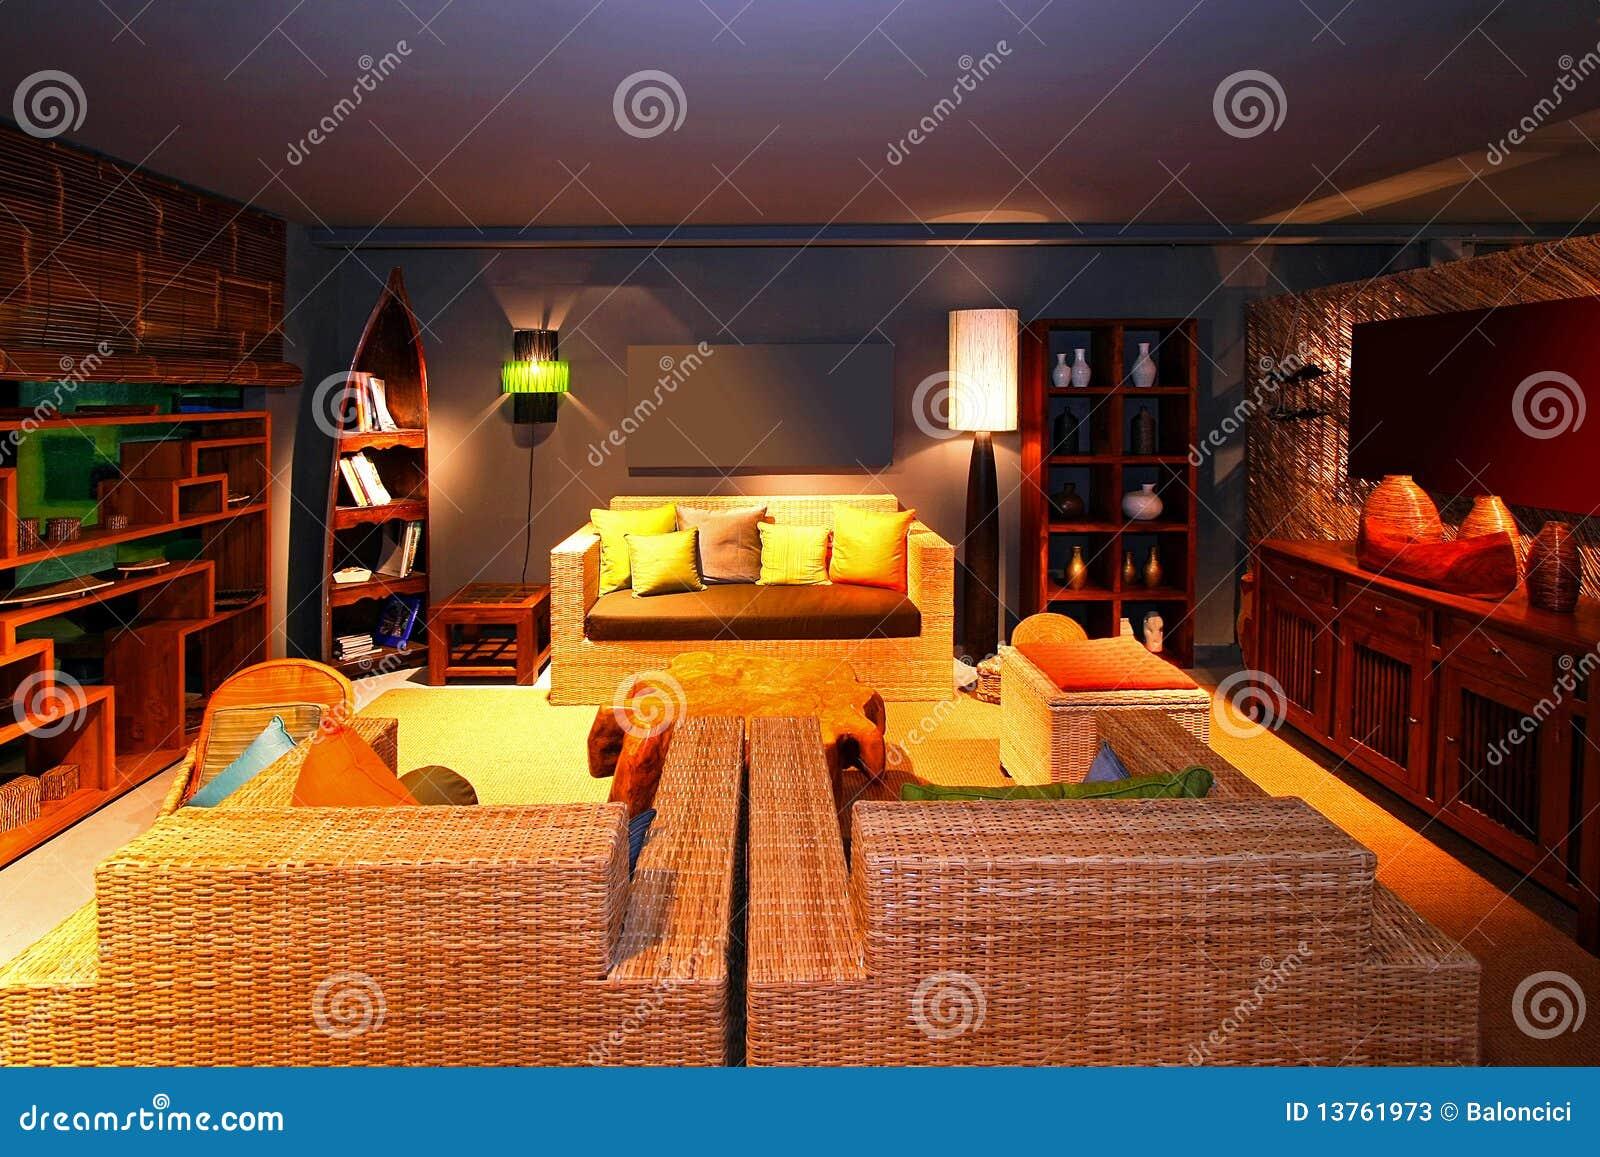 arabische deko wohnzimmer orientalisch einrichten – Dumss.com